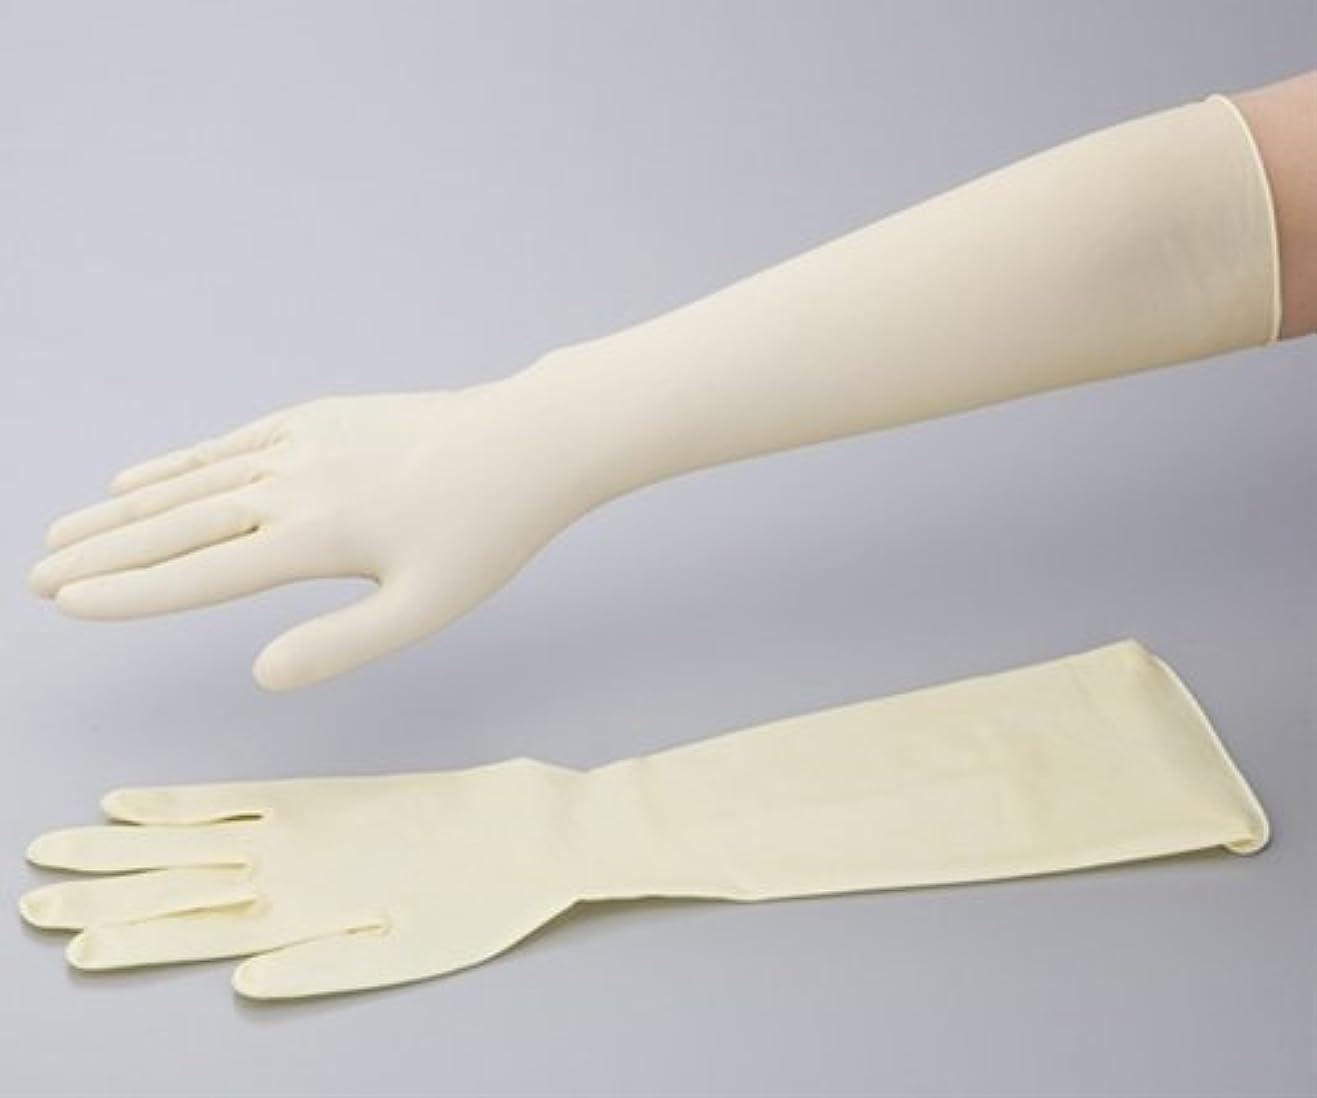 攻撃パブ村ラテックスロング手袋(スーパーロング)γ線滅菌済 S 50枚入り /0-6111-03